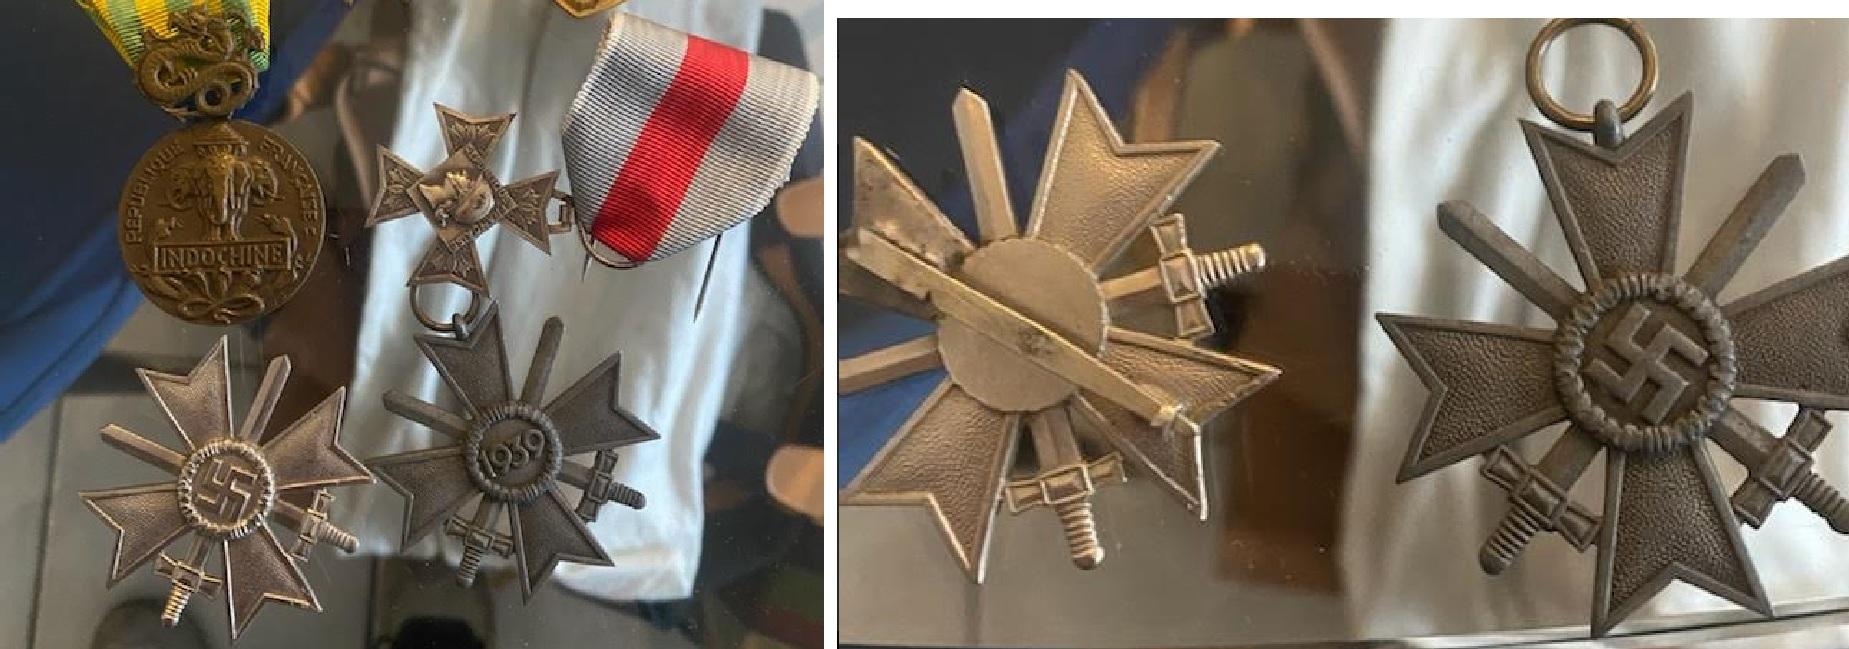 Authentification Croix du mérite 1ère classe Merita